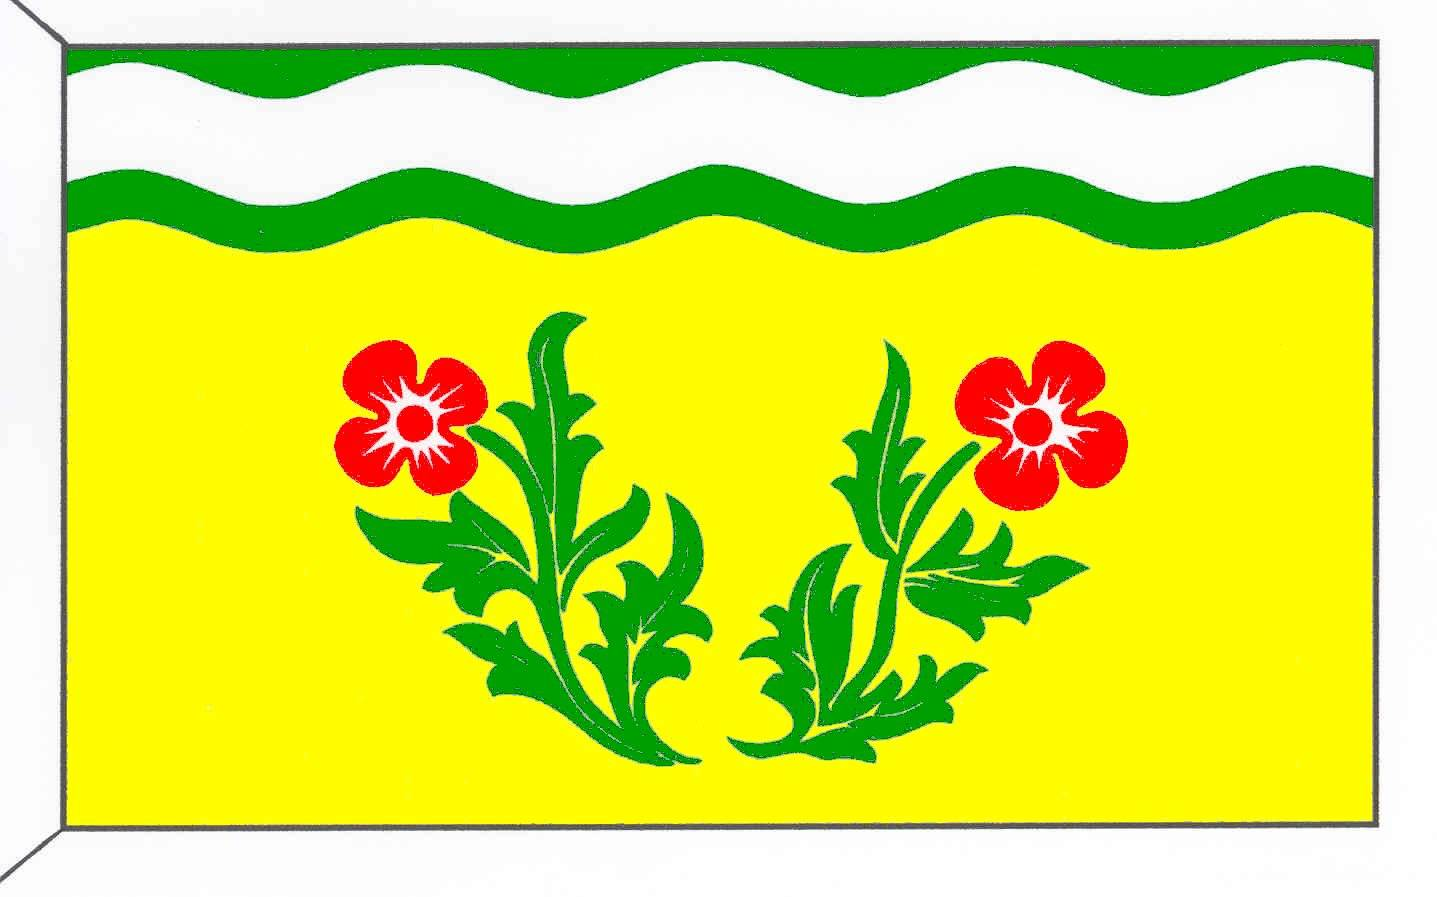 Flagge GemeindeBlumenthal, Kreis Rendsburg-Eckernförde